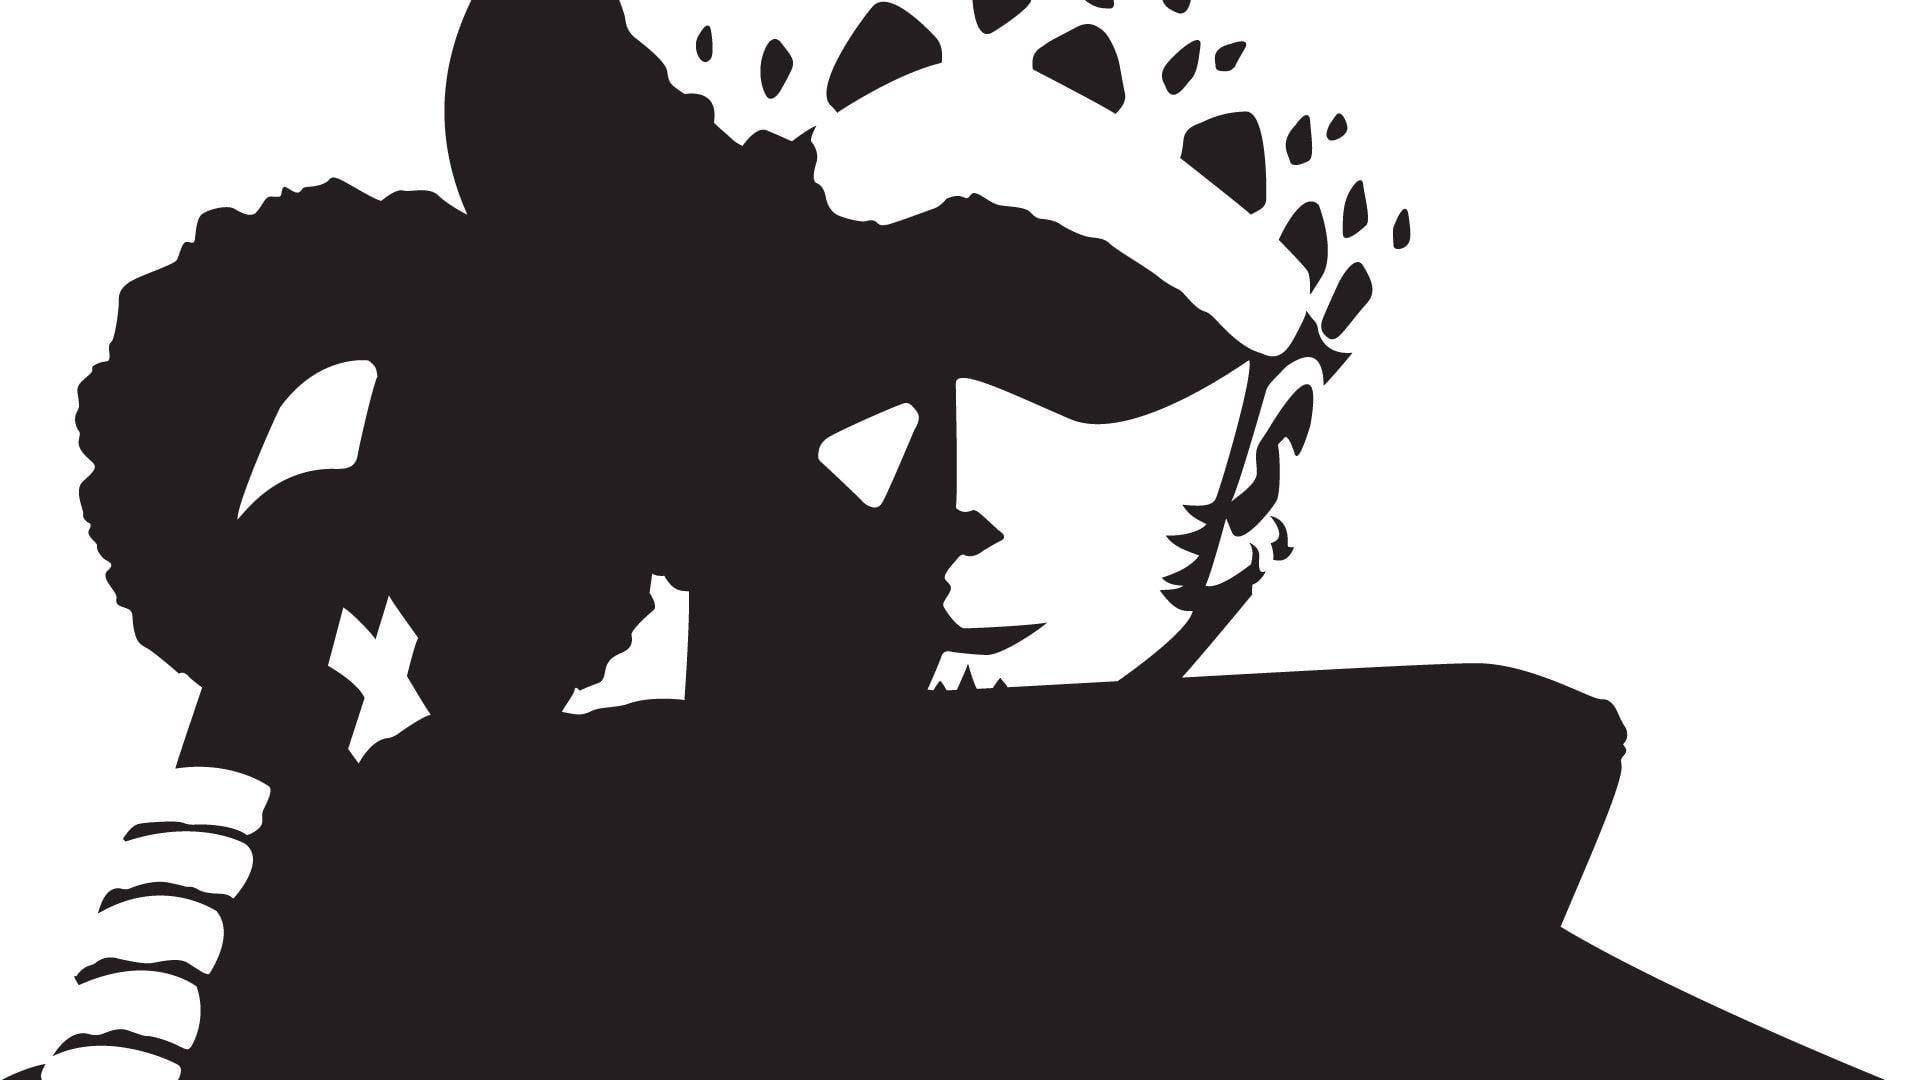 Anime One Piece Trafalgar Law 1080p Wallpaper Hdwallpaper Desktop In 2021 Trafalgar Law Trafalgar Law Wallpapers One Piece 4k